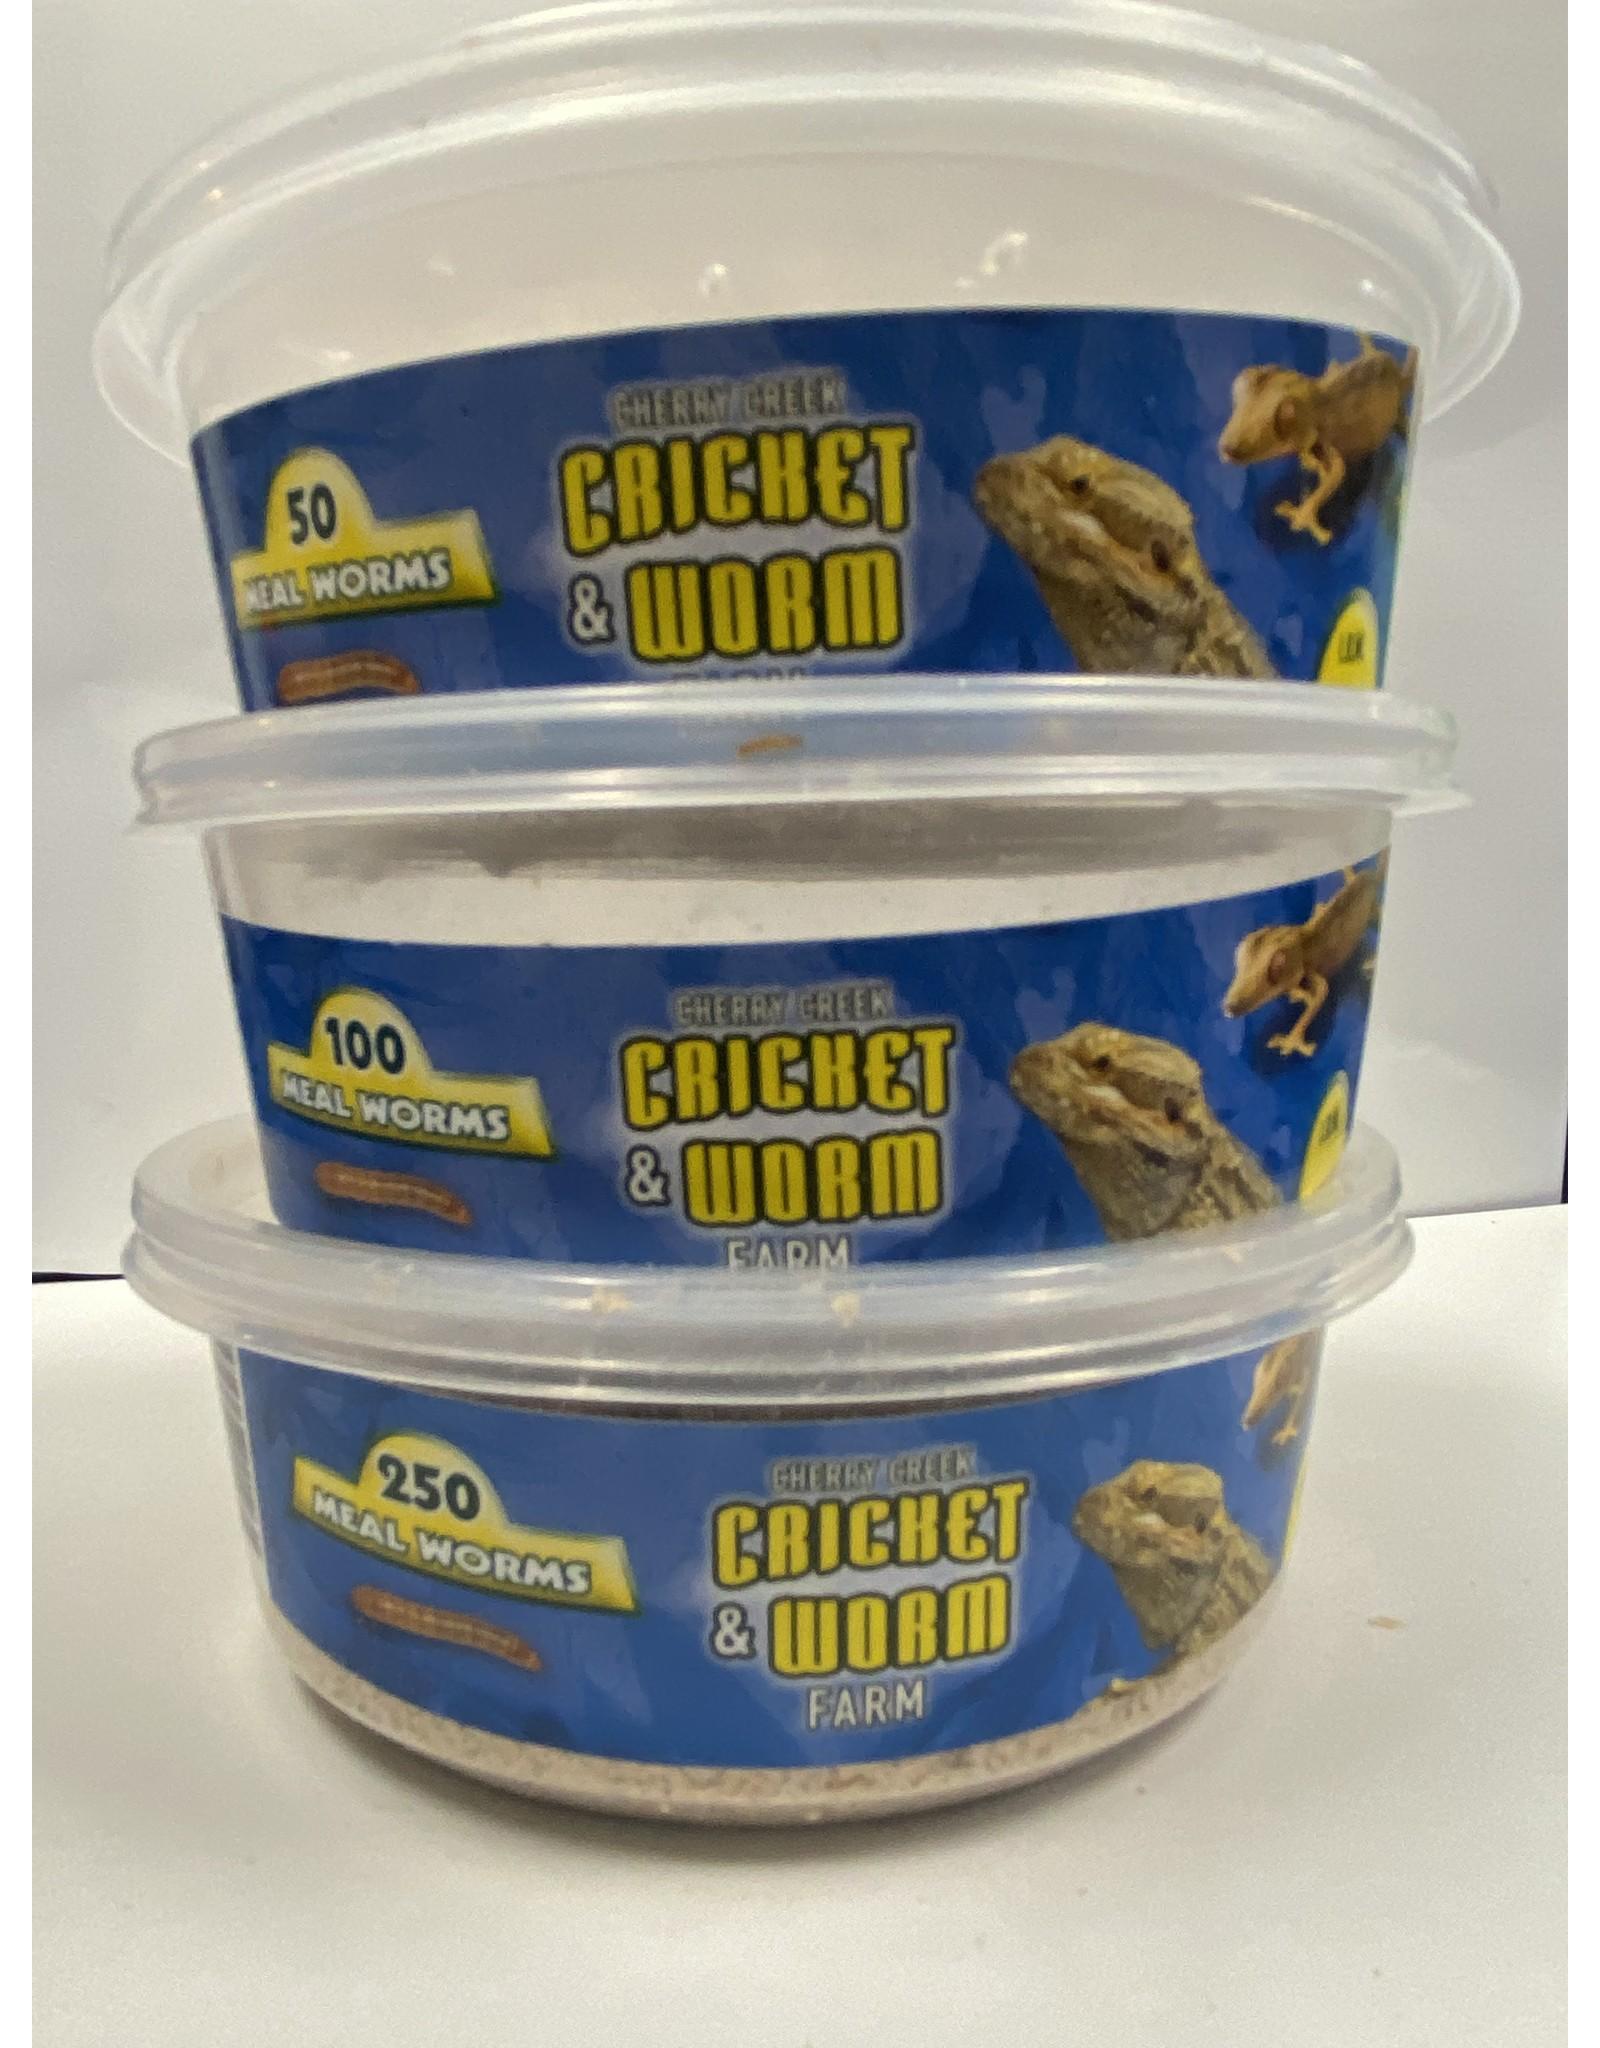 Cherry Creek Mealworms - Regular